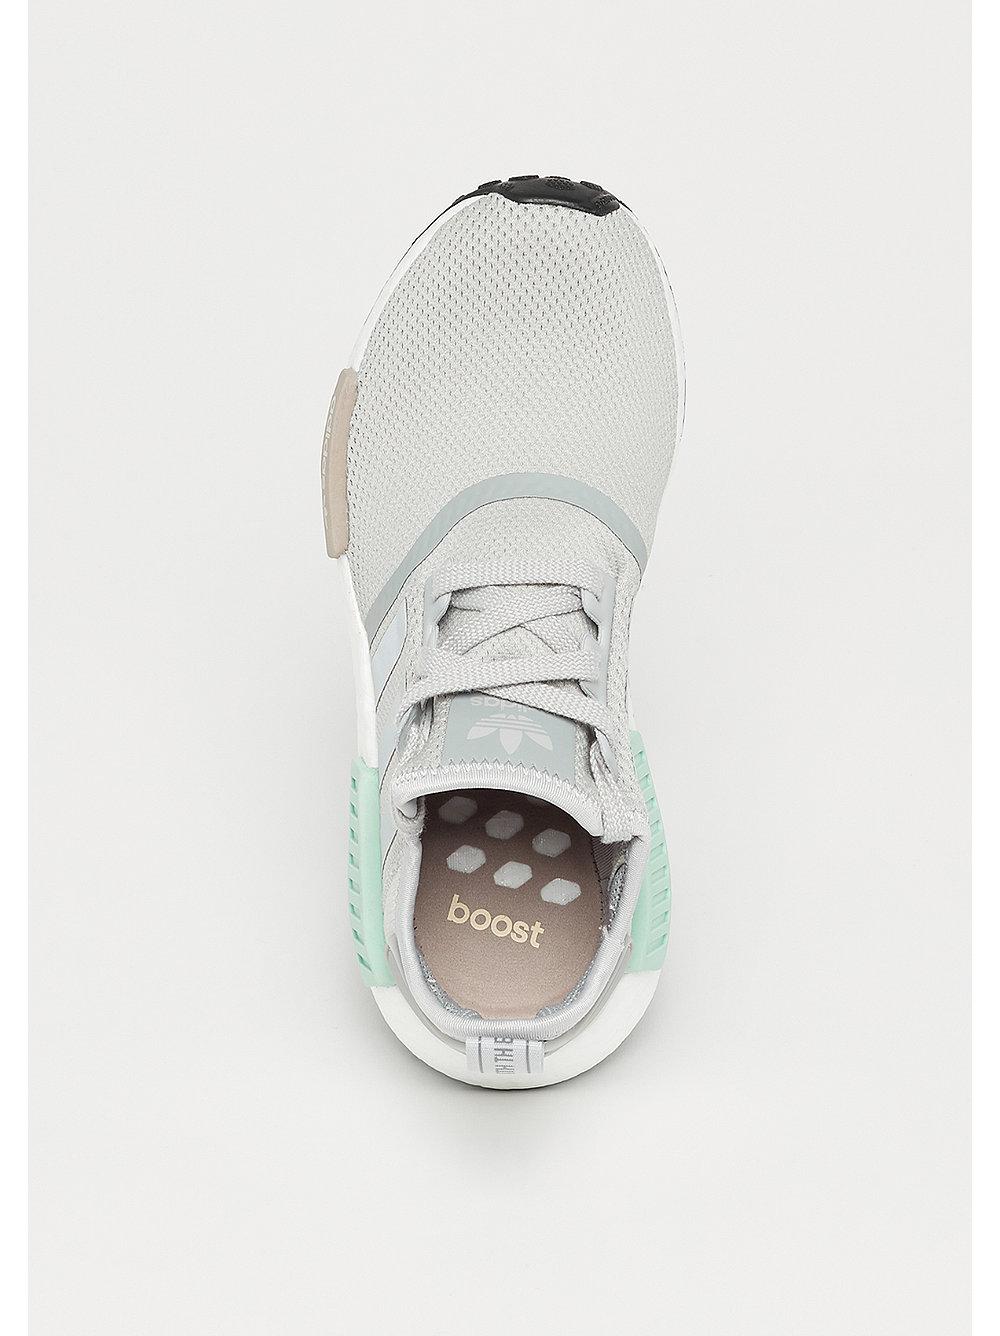 0561246c5555b adidas NMD R1 grey two grey two ash green Verschleißfestigkeit Neue Version  Verkauf Empfehlen